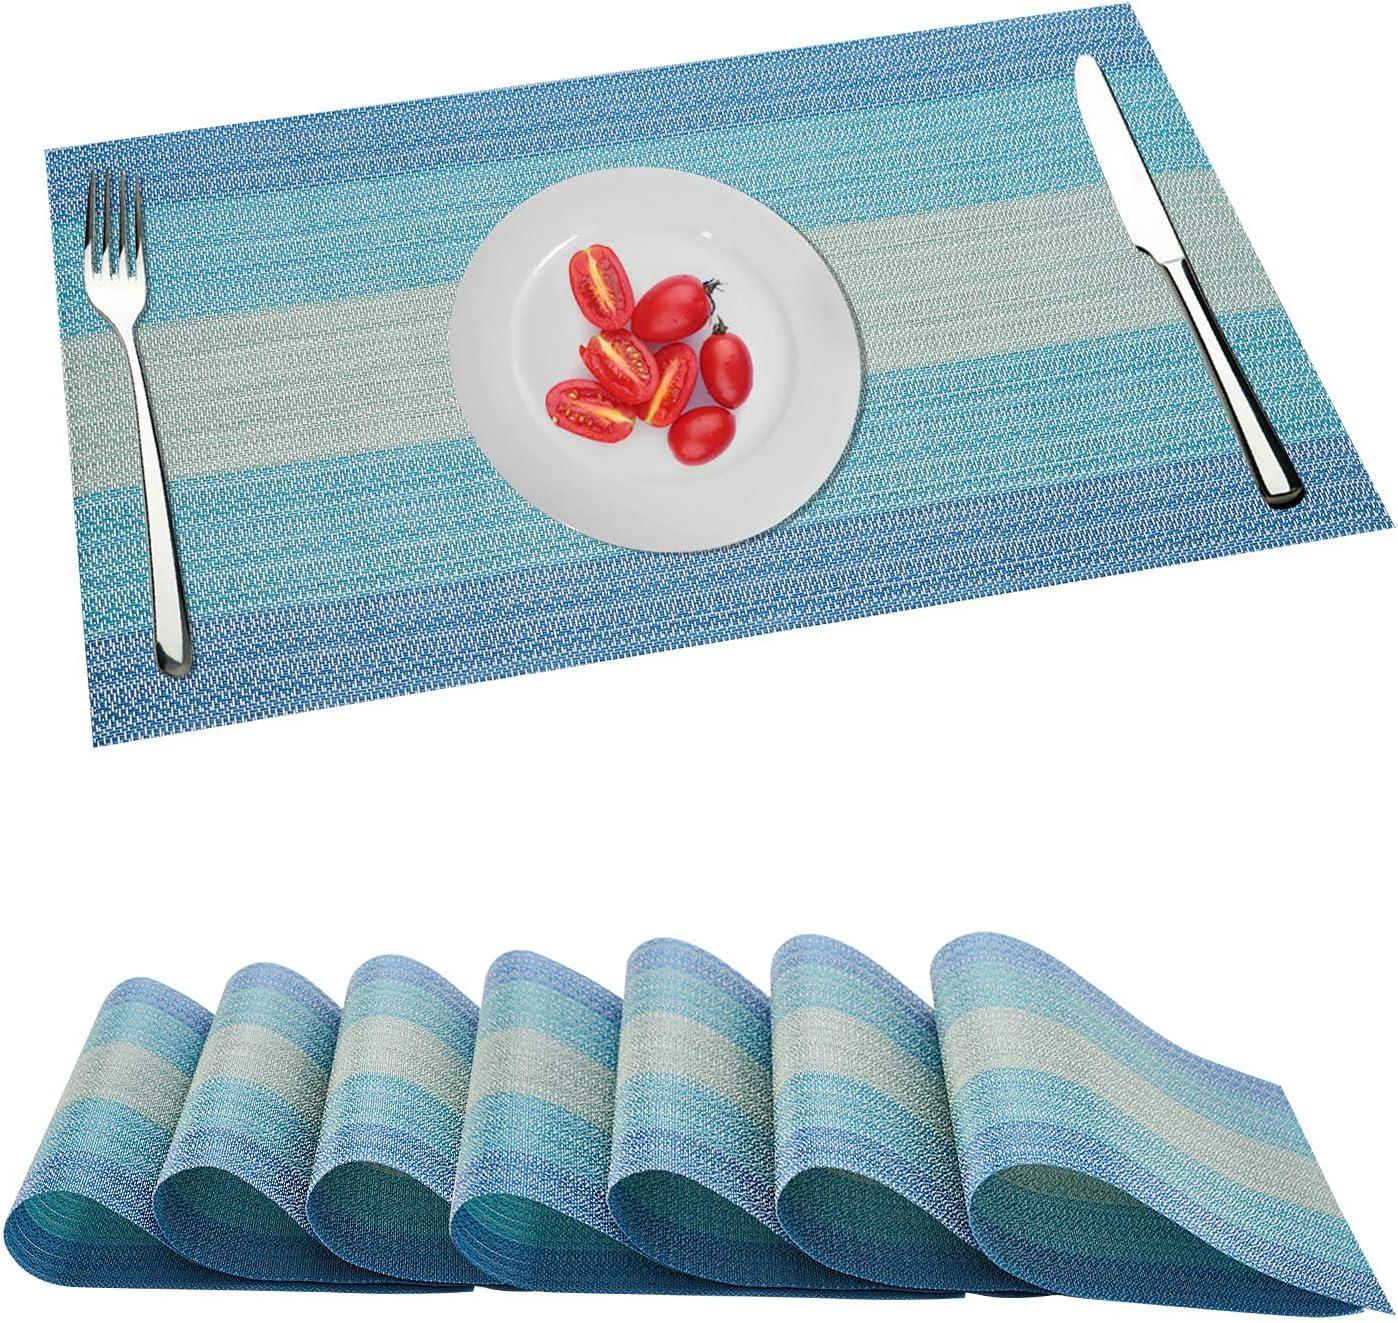 Juego de 8 manteles individuales, manteles de mesa lavables resistentes al calor, manteles individuales de PVC de vinilo tejido entrecruzado, posavasos para barbacoa de jardín al aire libre